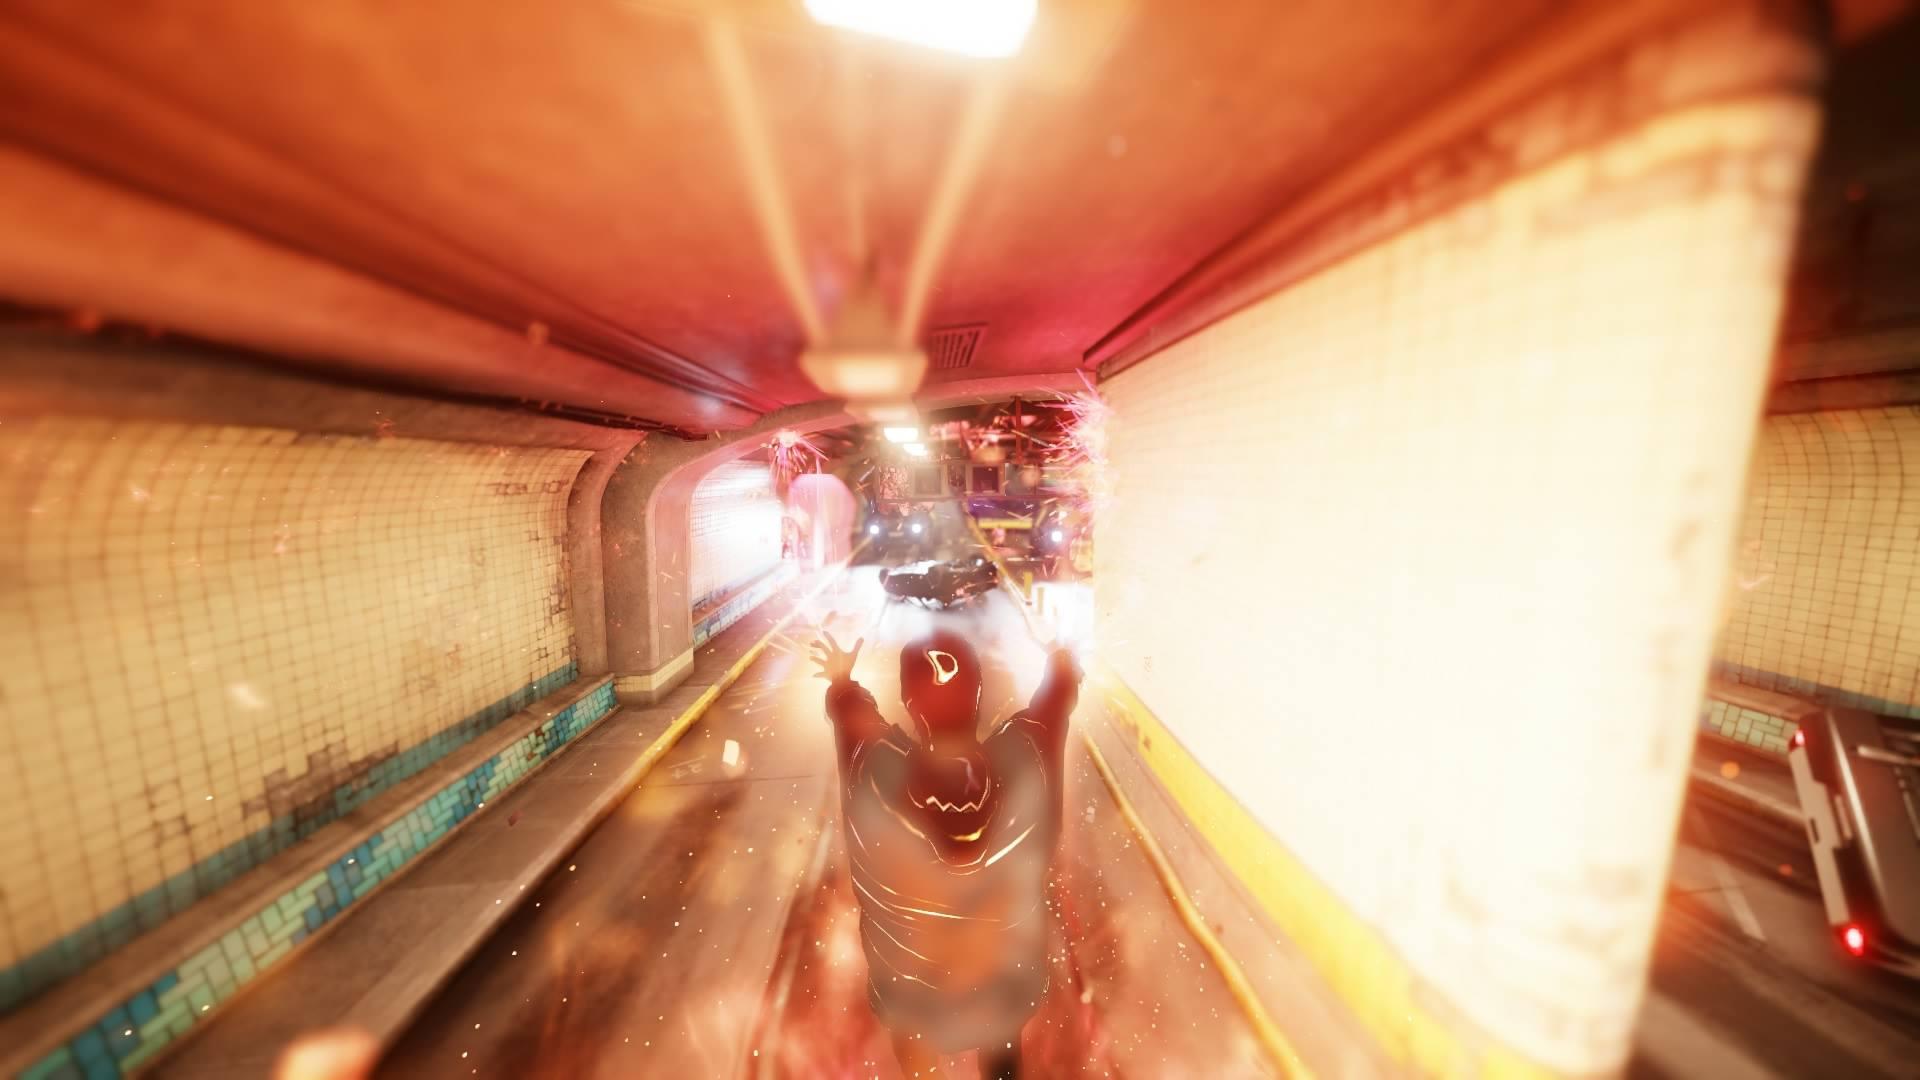 [PS4] Консольный Гейминг с Сарказмо – Infamous: Second Son - Изображение 1